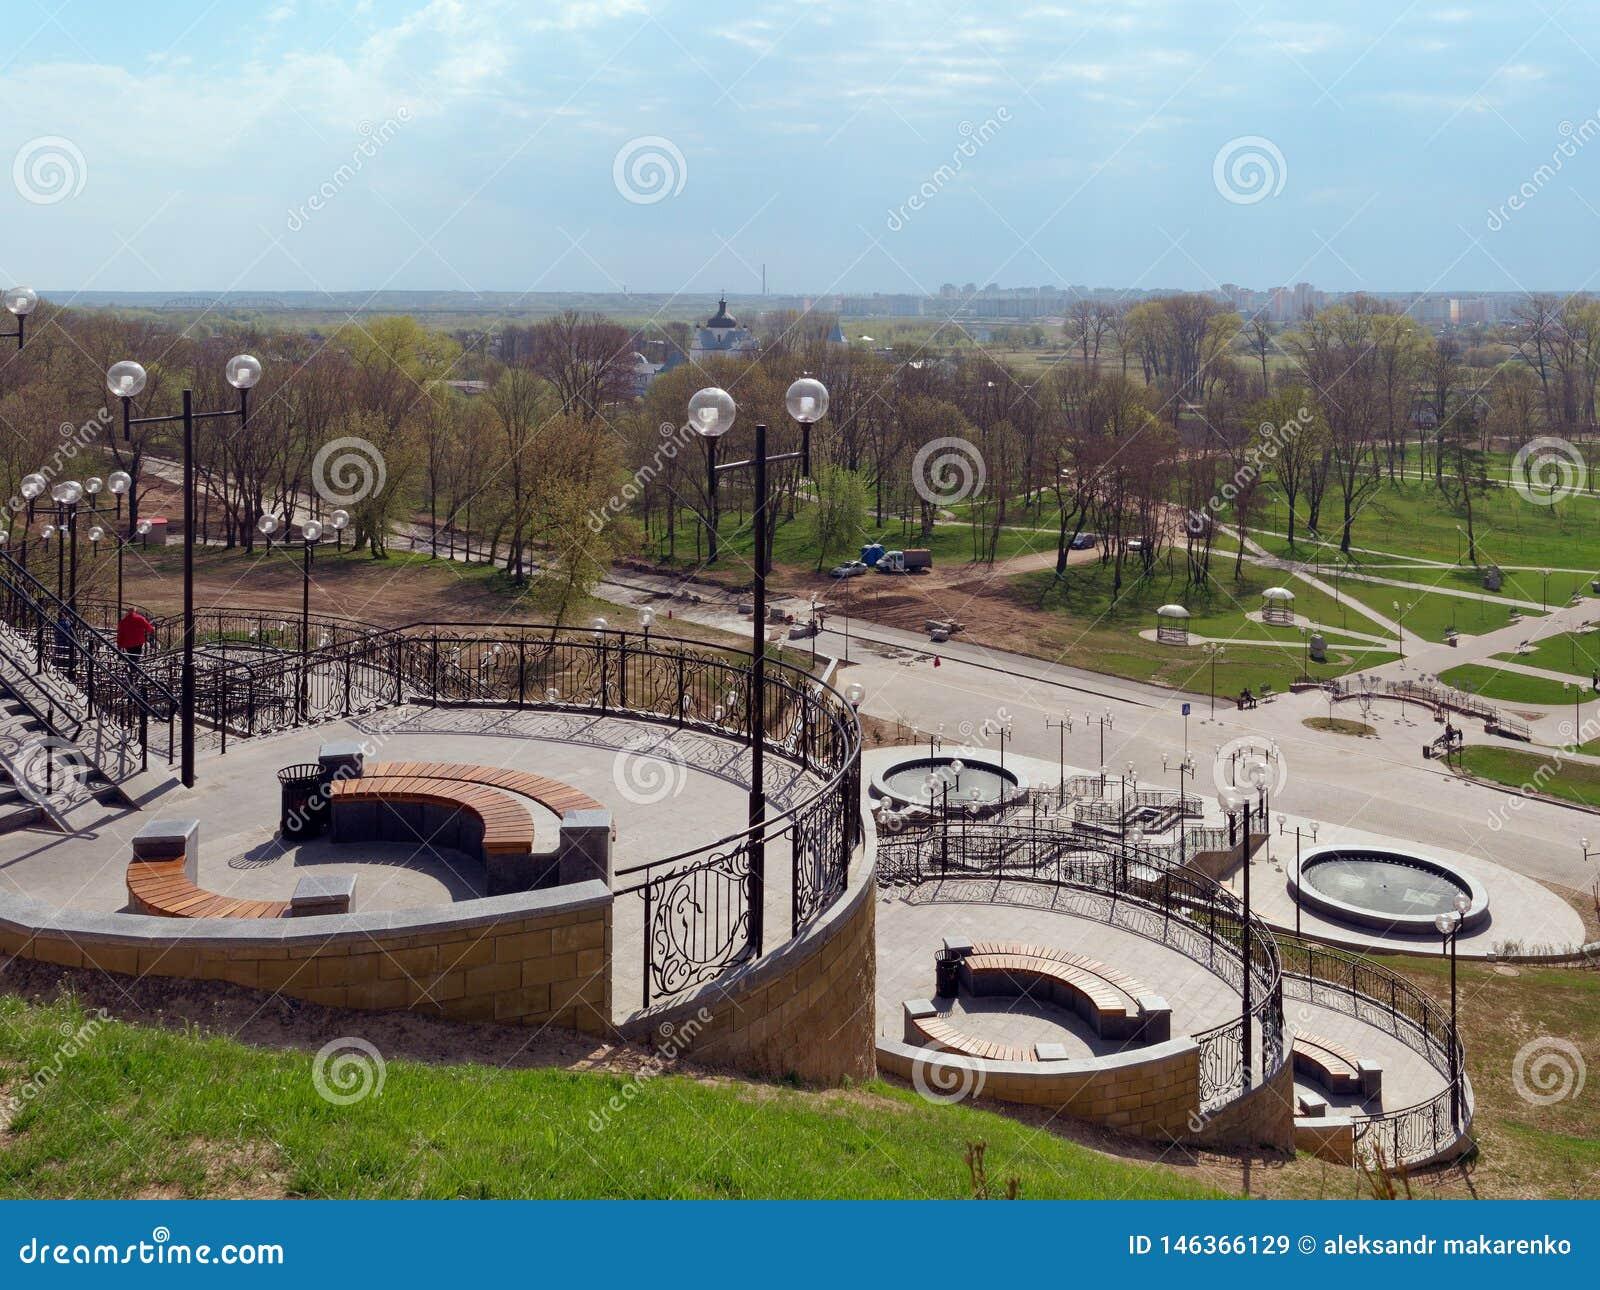 MOGILEV VITRYSSLAND - APRIL 27, 2019: parkera omr?de med en trappuppg?ng och en springbrunn